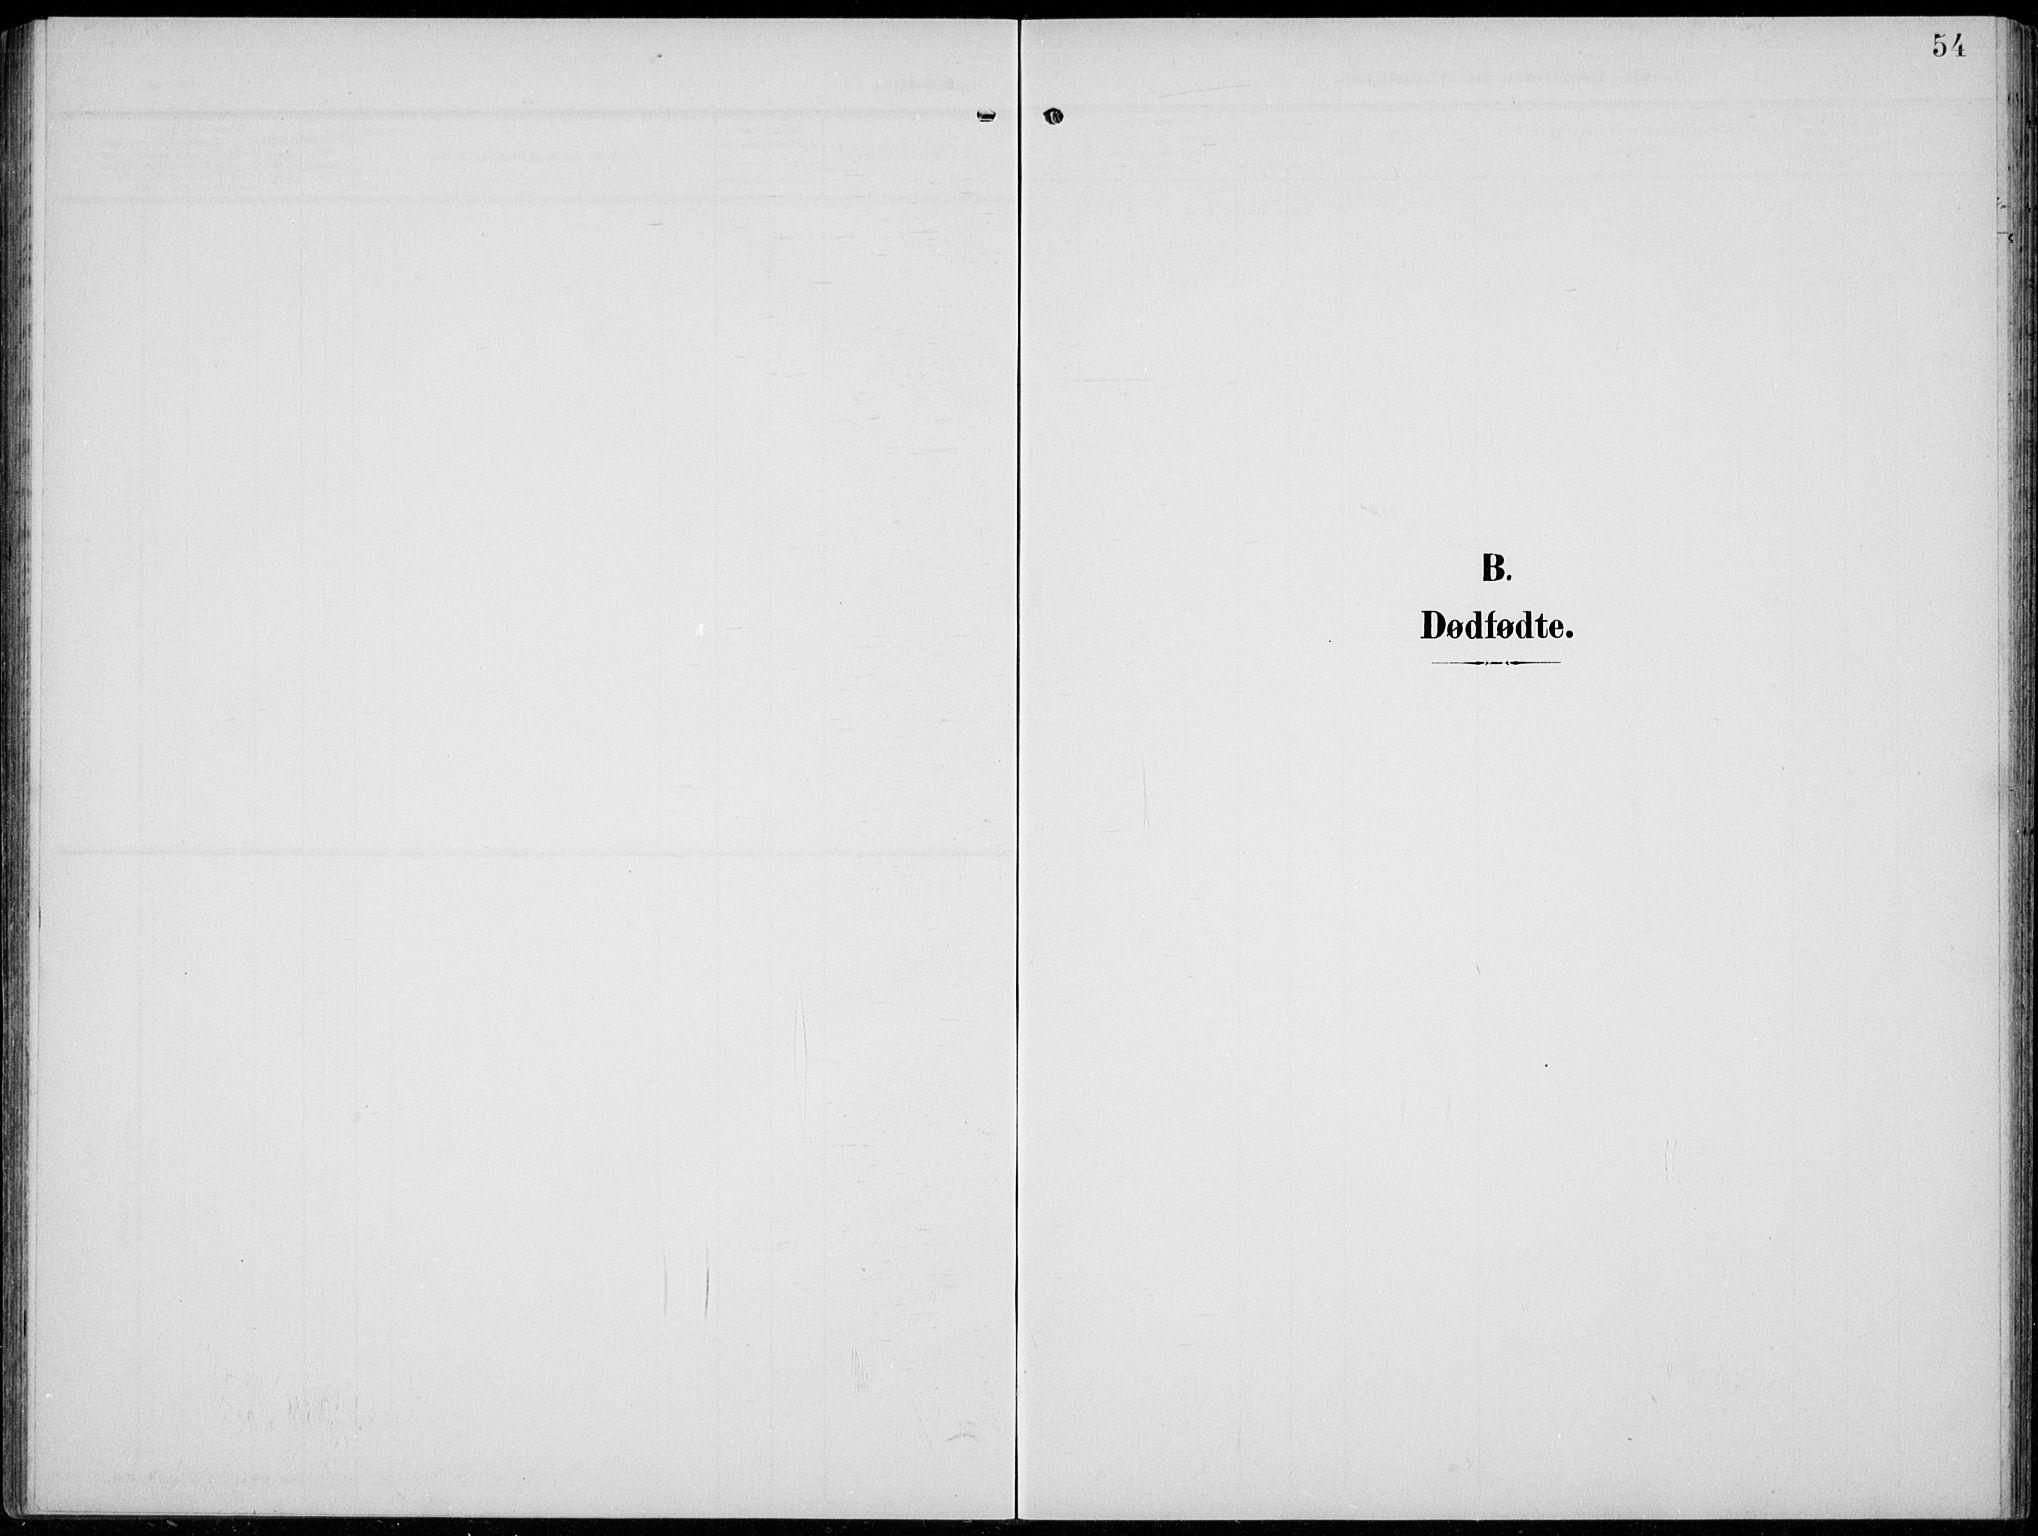 SAH, Lom prestekontor, L/L0007: Klokkerbok nr. 7, 1904-1938, s. 54